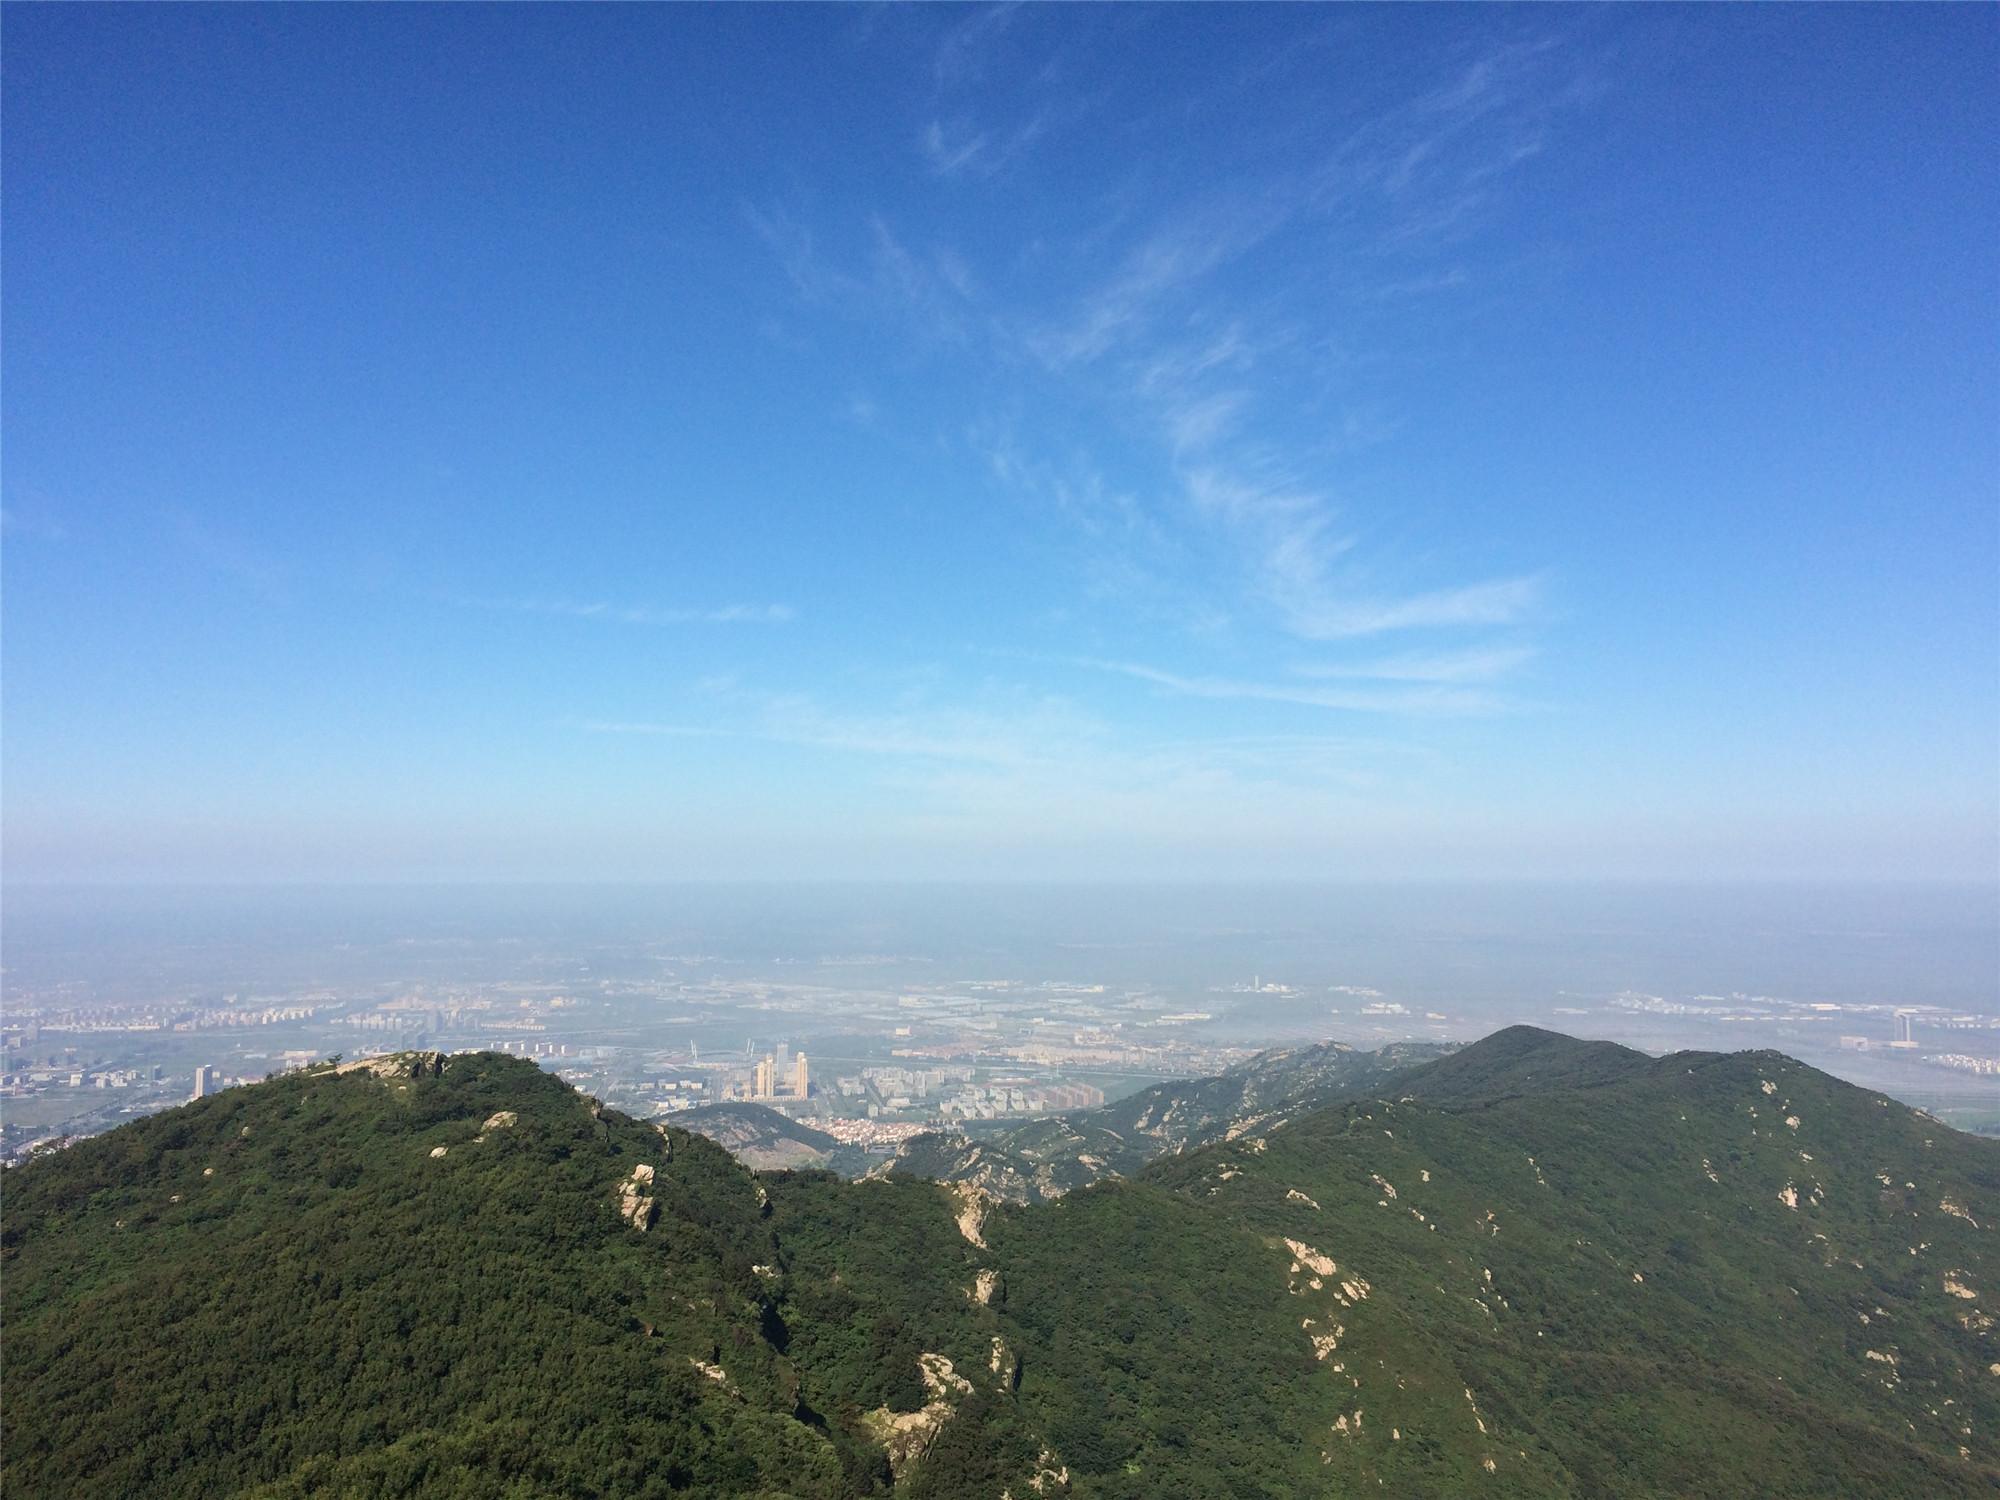 玉女峰是花果山的最高峰,也是江苏省的最高峰,海拔624.4米。无论日出还是日落,这里都有极佳的观赏角度。最为舒适和欣慰的是,游客乘坐旅游专线车便可以直达玉女峰的观景台,步行1分钟便可抵达山峰最高点。在花果山,所有游客都可以轻松登顶,不留遗憾。日落时分,第一次登临玉女峰巅。夏末的炎热在这山顶没了踪影,只有凉风阵阵的清新之感。临风远眺,山下是繁华的城市,远处是波光粼粼的海面,景色浩瀚,顿.